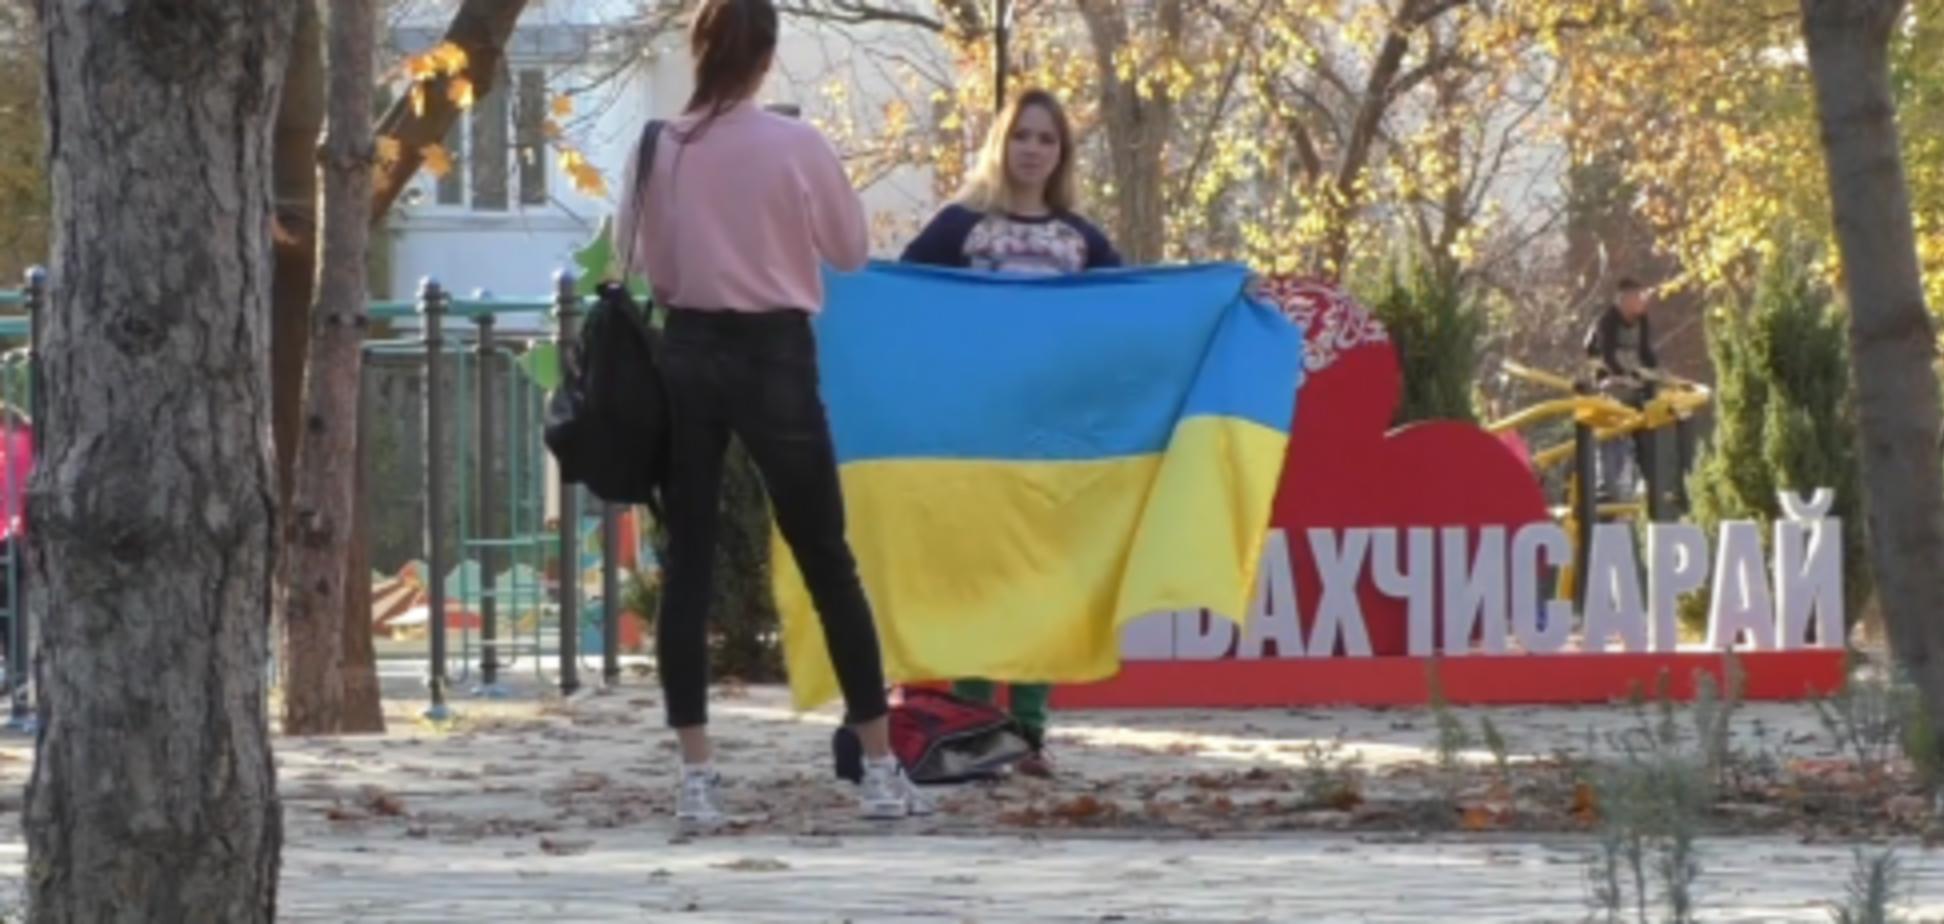 Российская пропагандистка пострадала в Крыму за украинский флаг